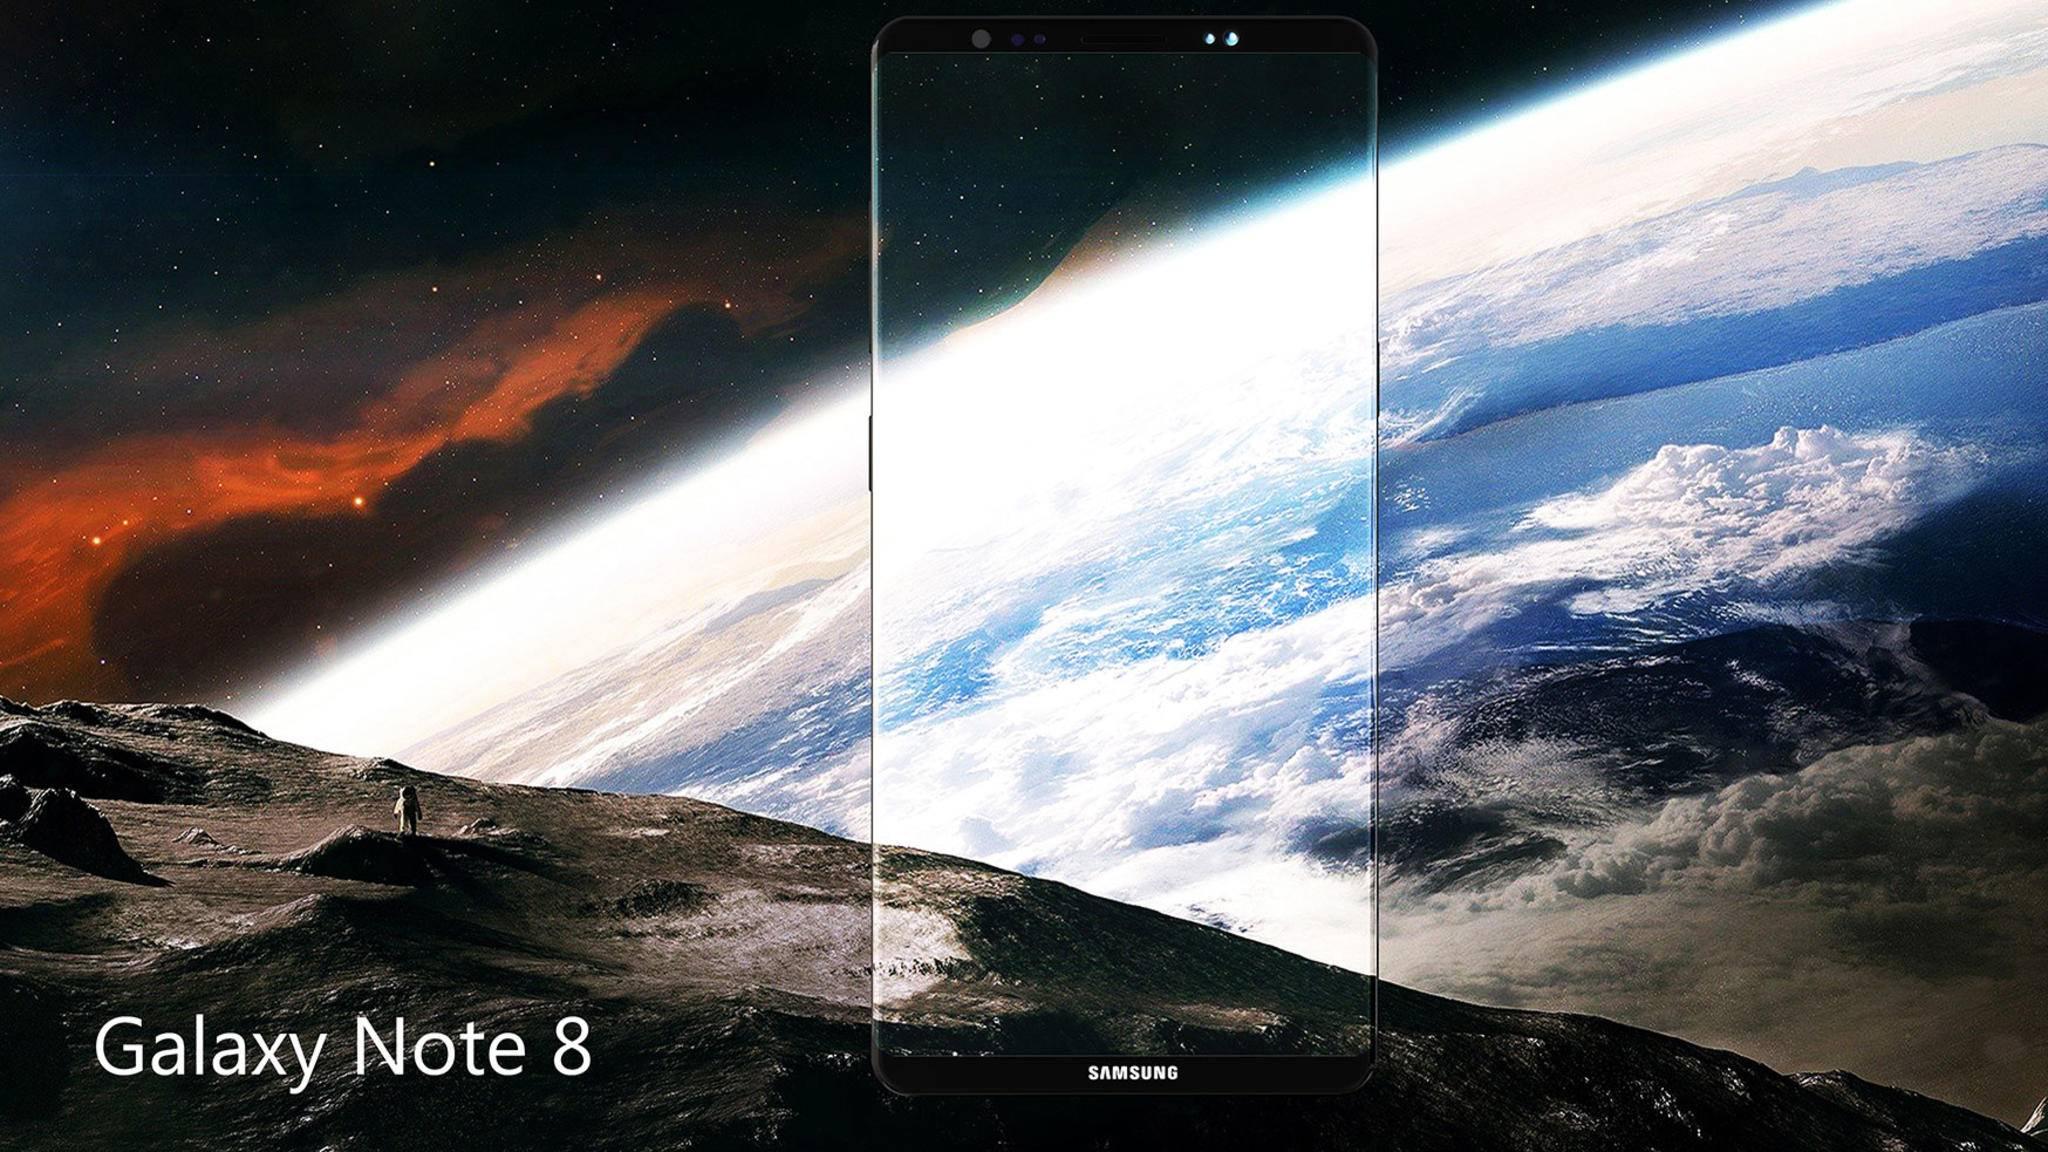 Der Bildschirm des Galaxy Note 8 dürfte noch beeindruckender als beim Galaxy S8 ausfallen.